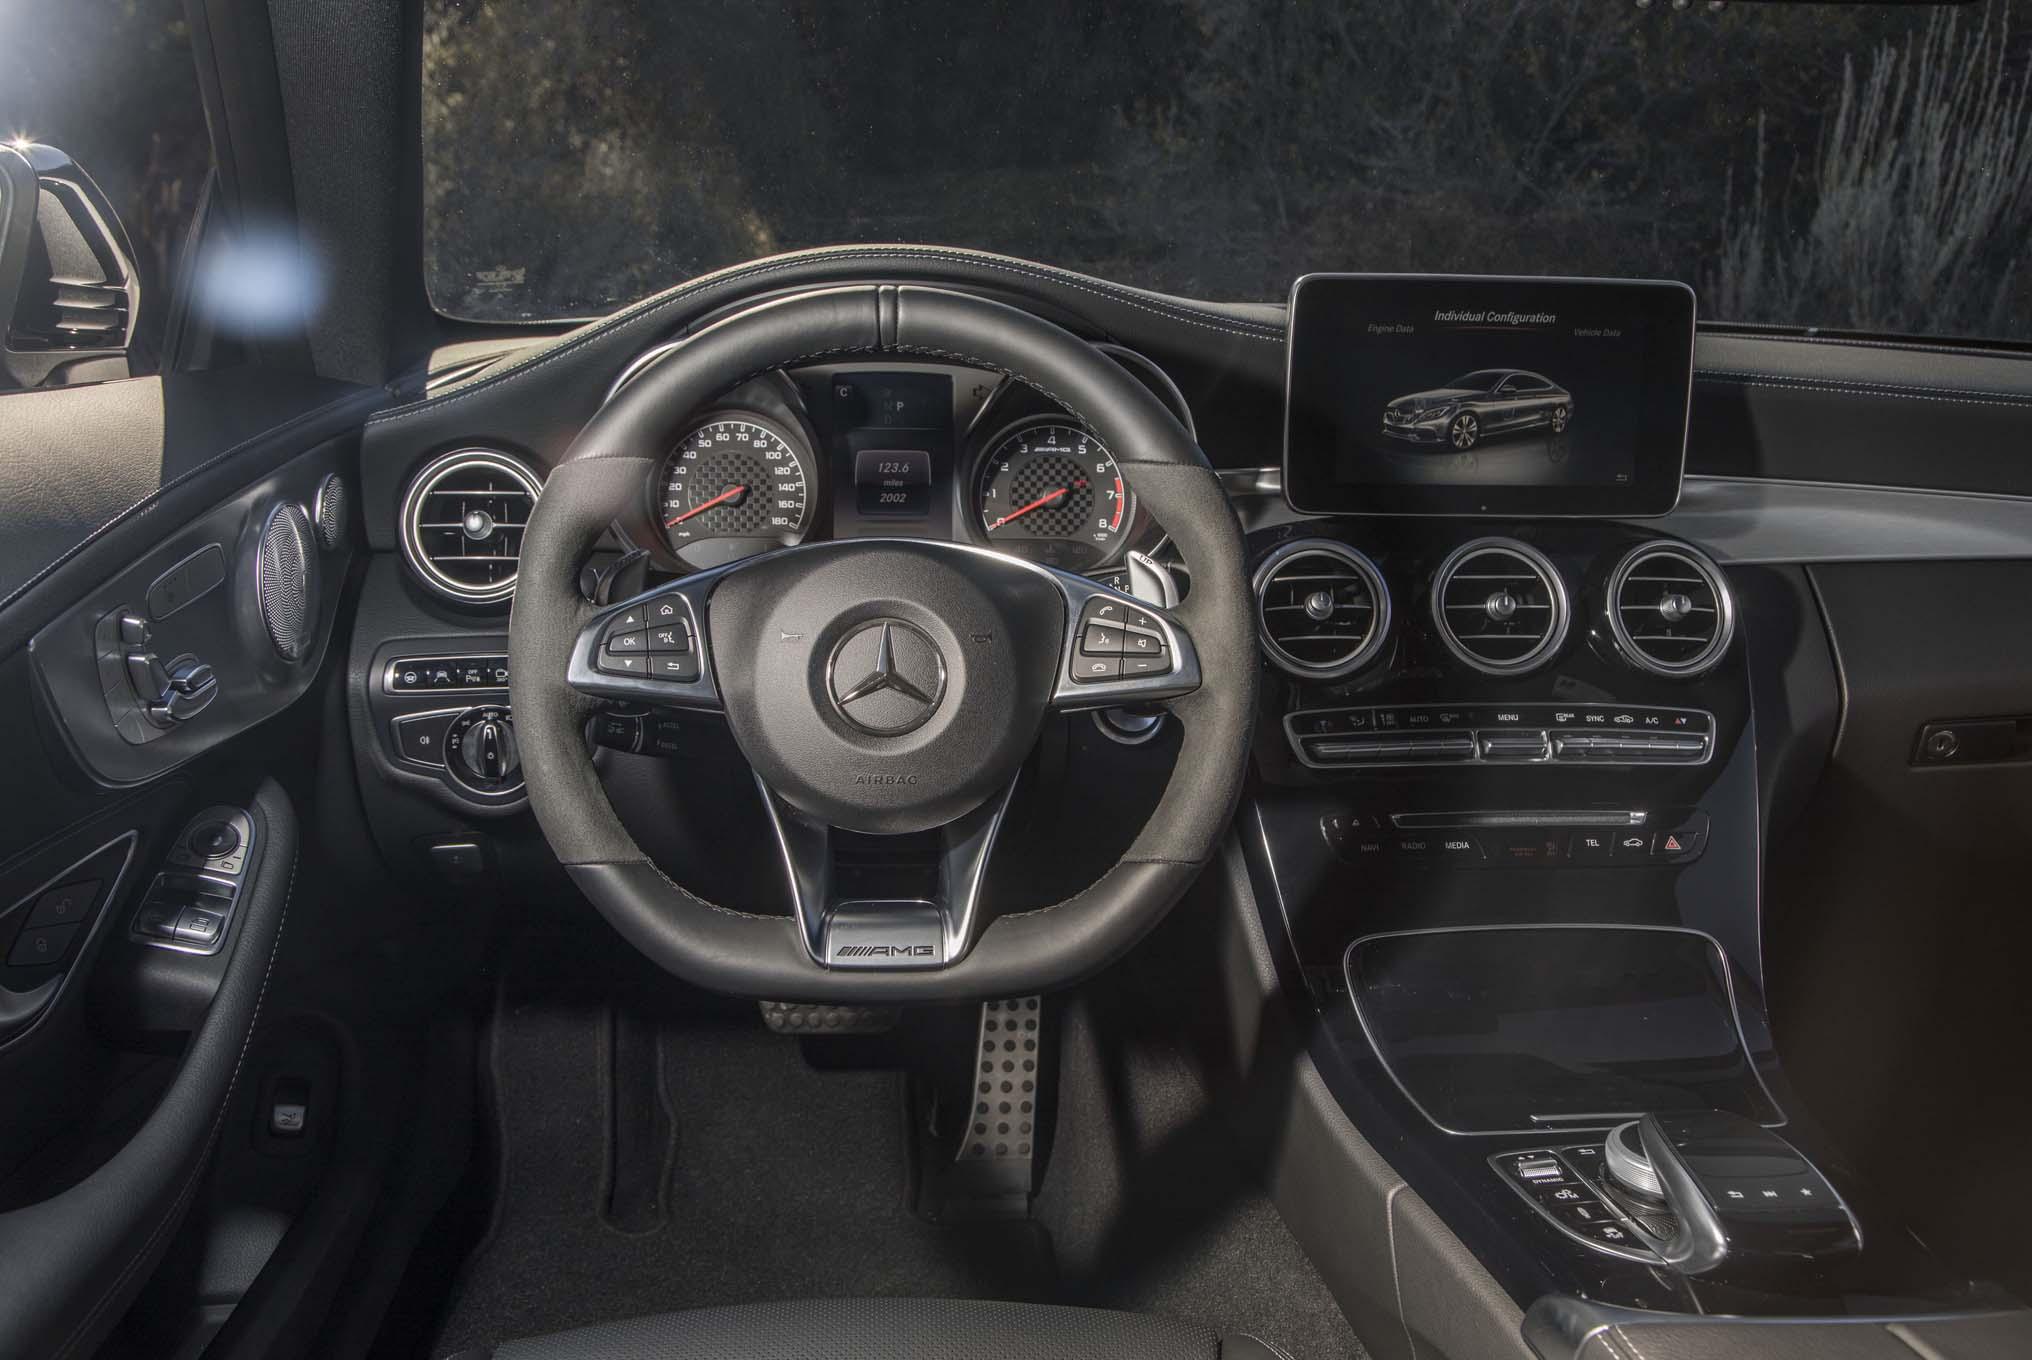 2017 Mercedes AMG C43 Coupe Cockpit 03